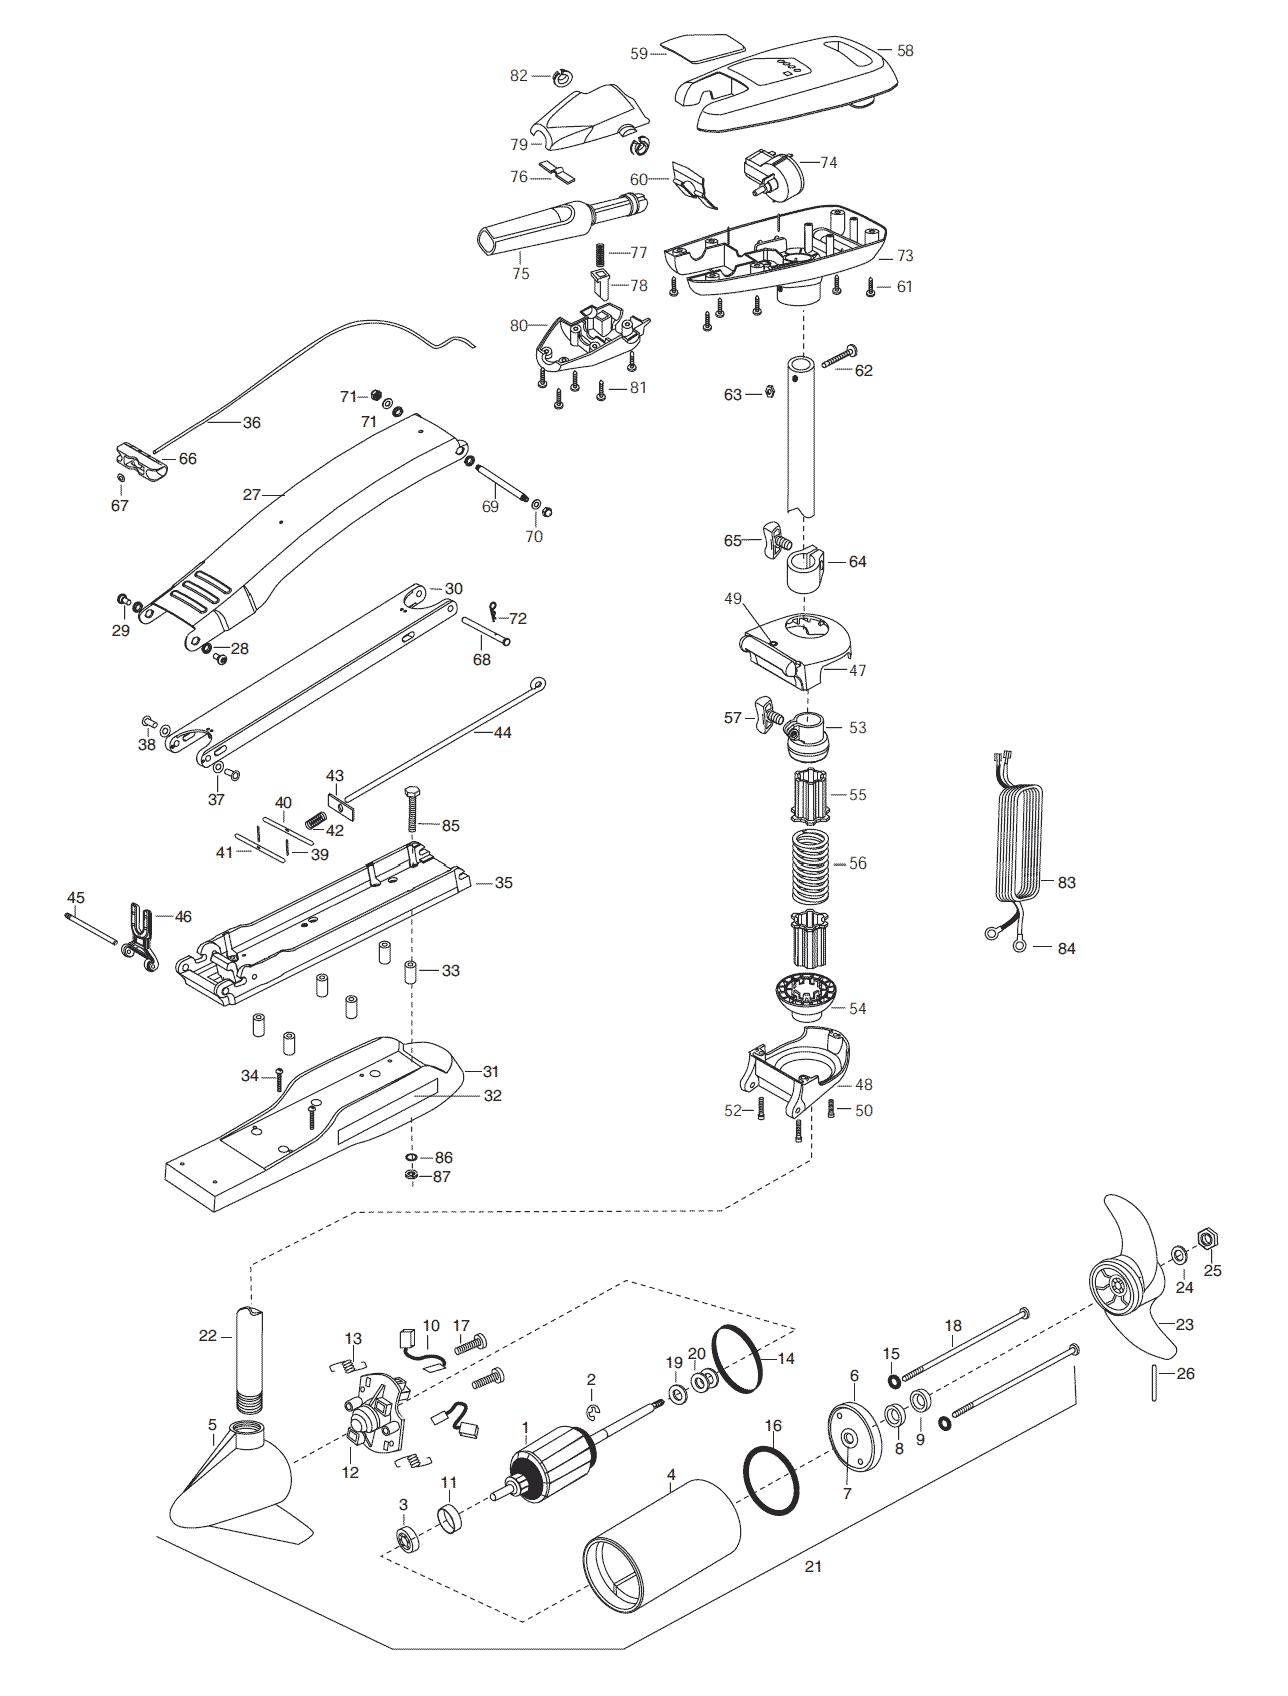 Minn Kota Riptide 65 Sc Parts